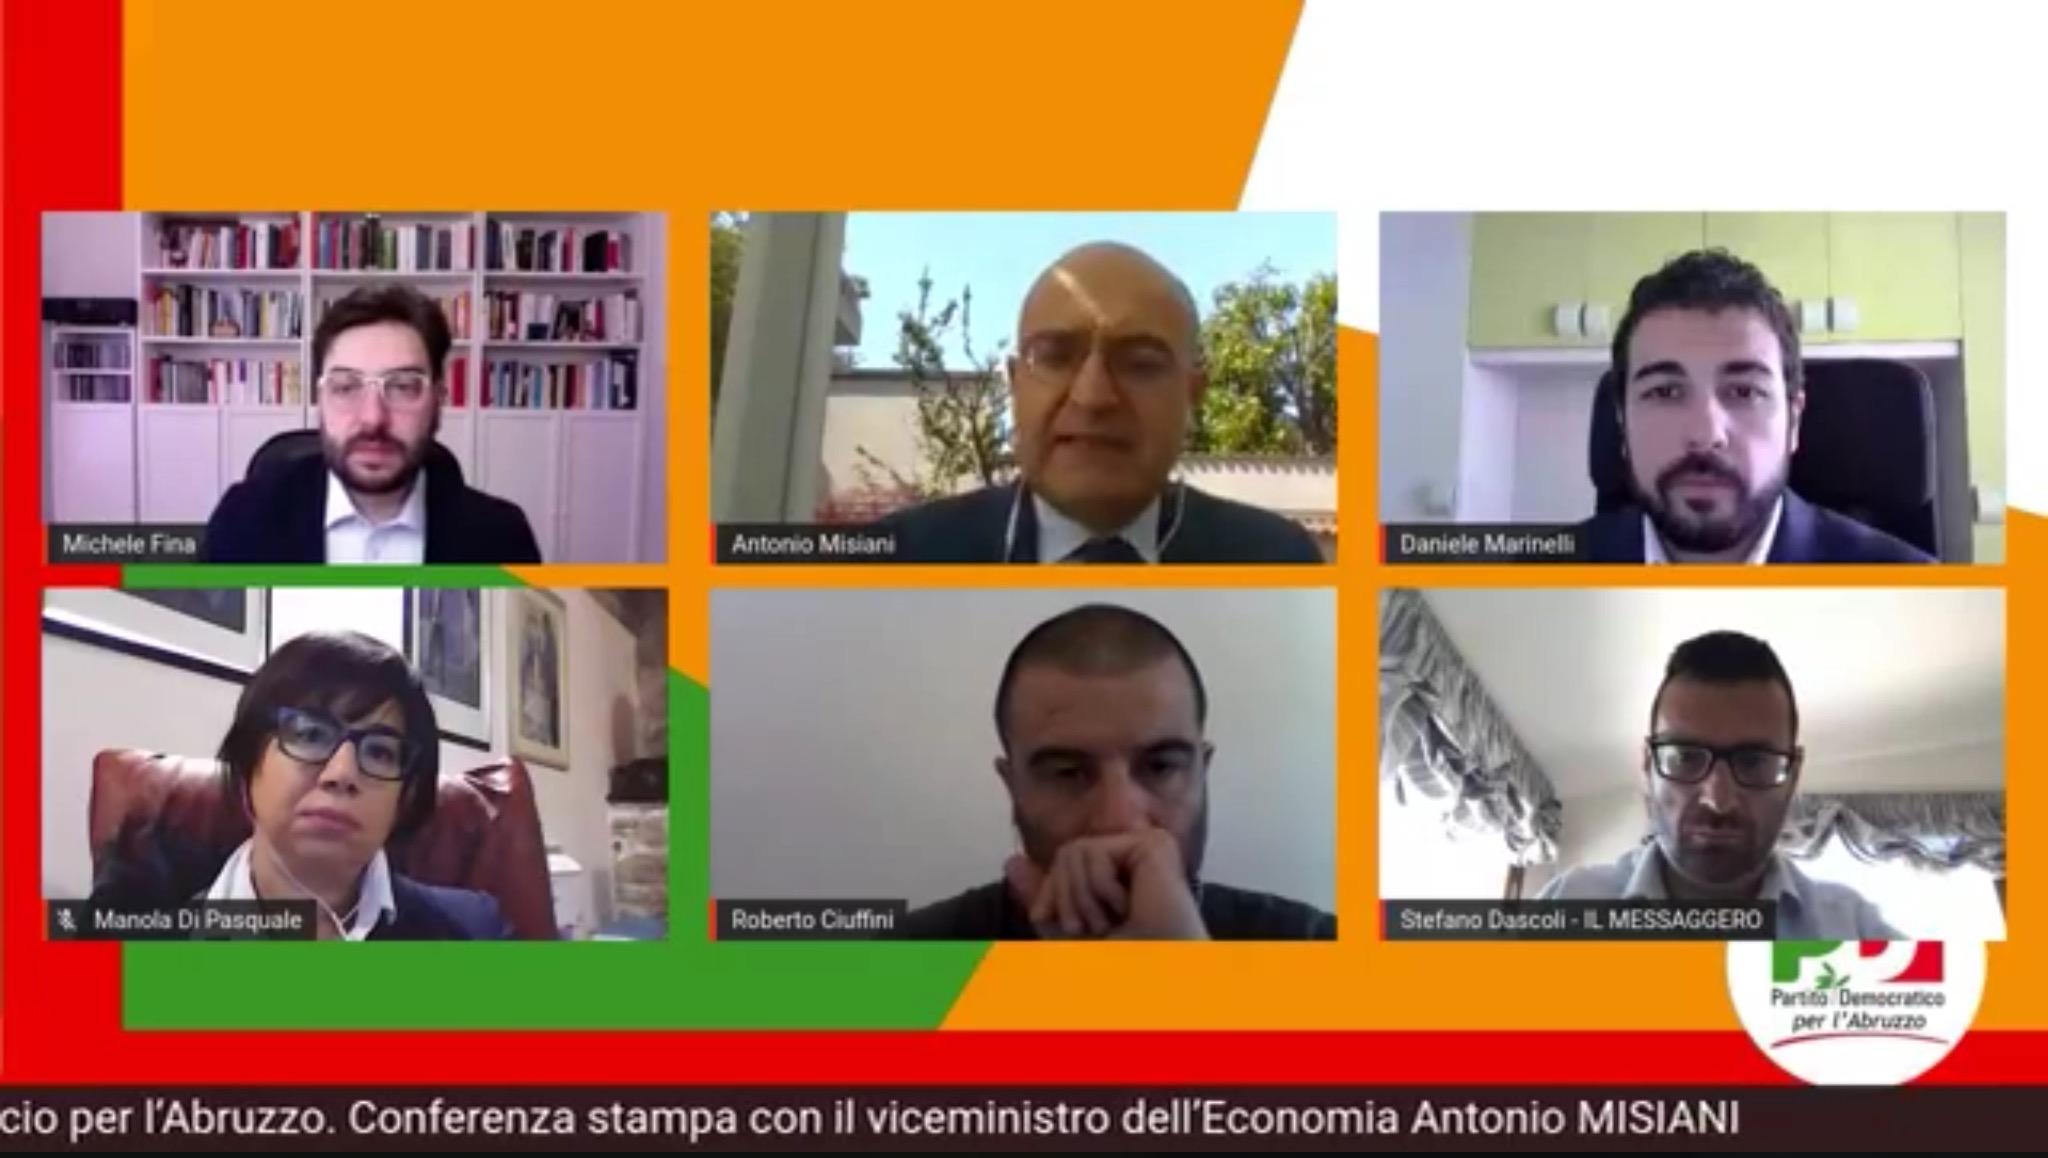 Le misure del governo contro la crisi in Abruzzo. Le cifre nella conferenza stampa del PD con il viceministro Misiani